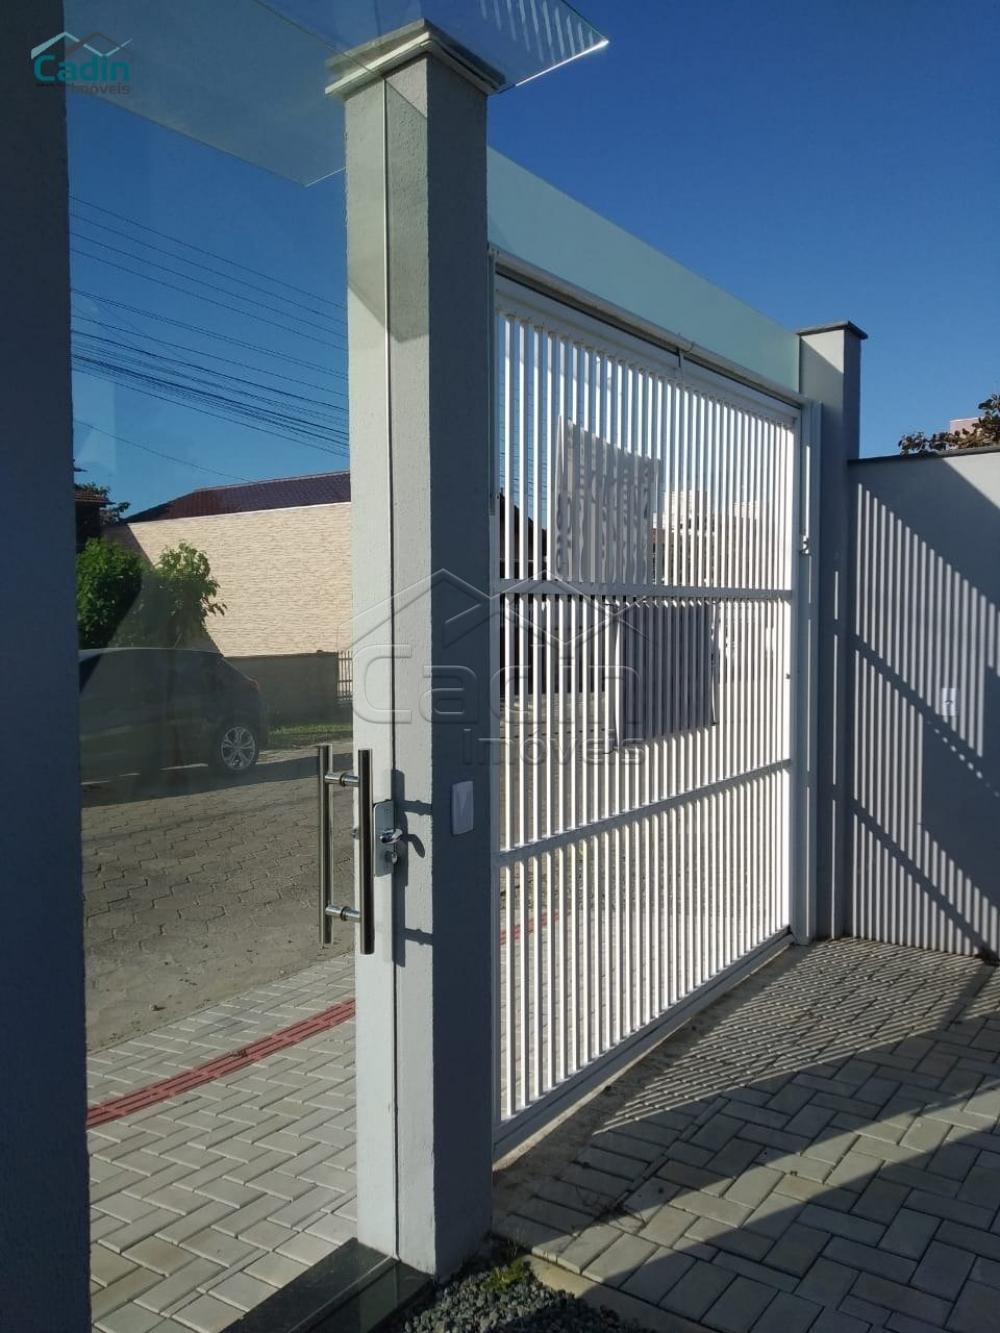 Comprar Casa / Padrão em Navegantes R$ 330.000,00 - Foto 1